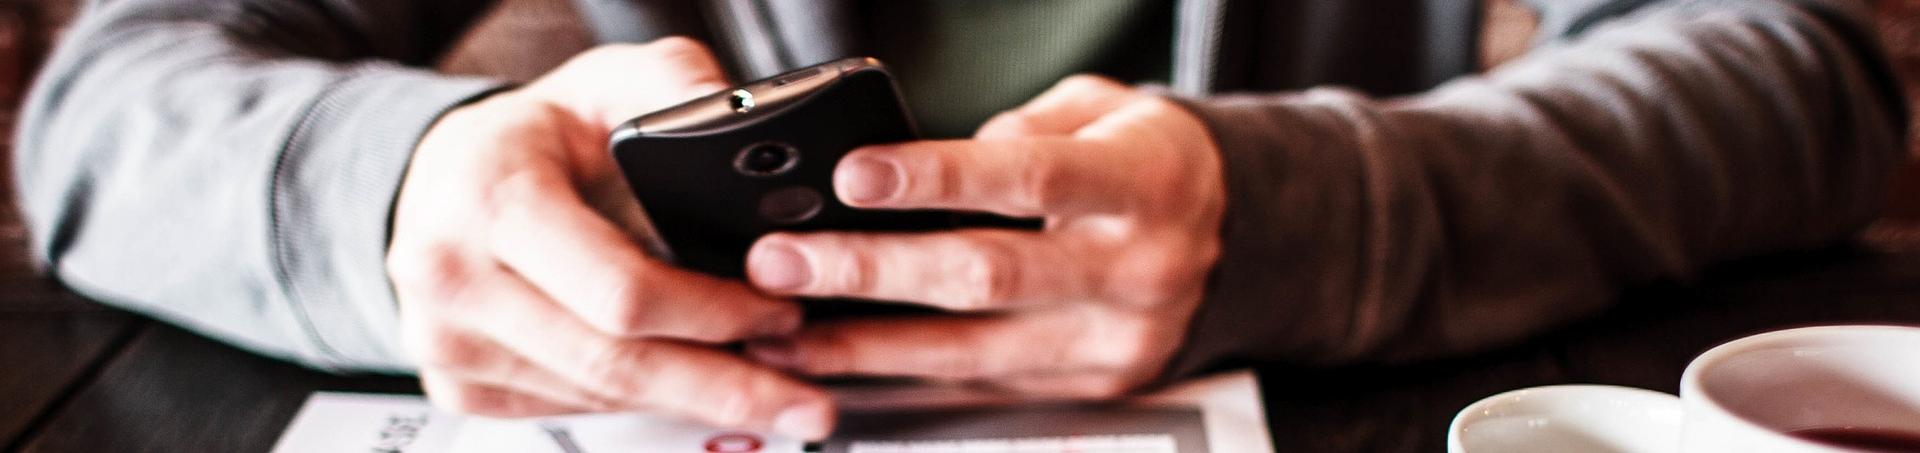 Mains manipulent un portable